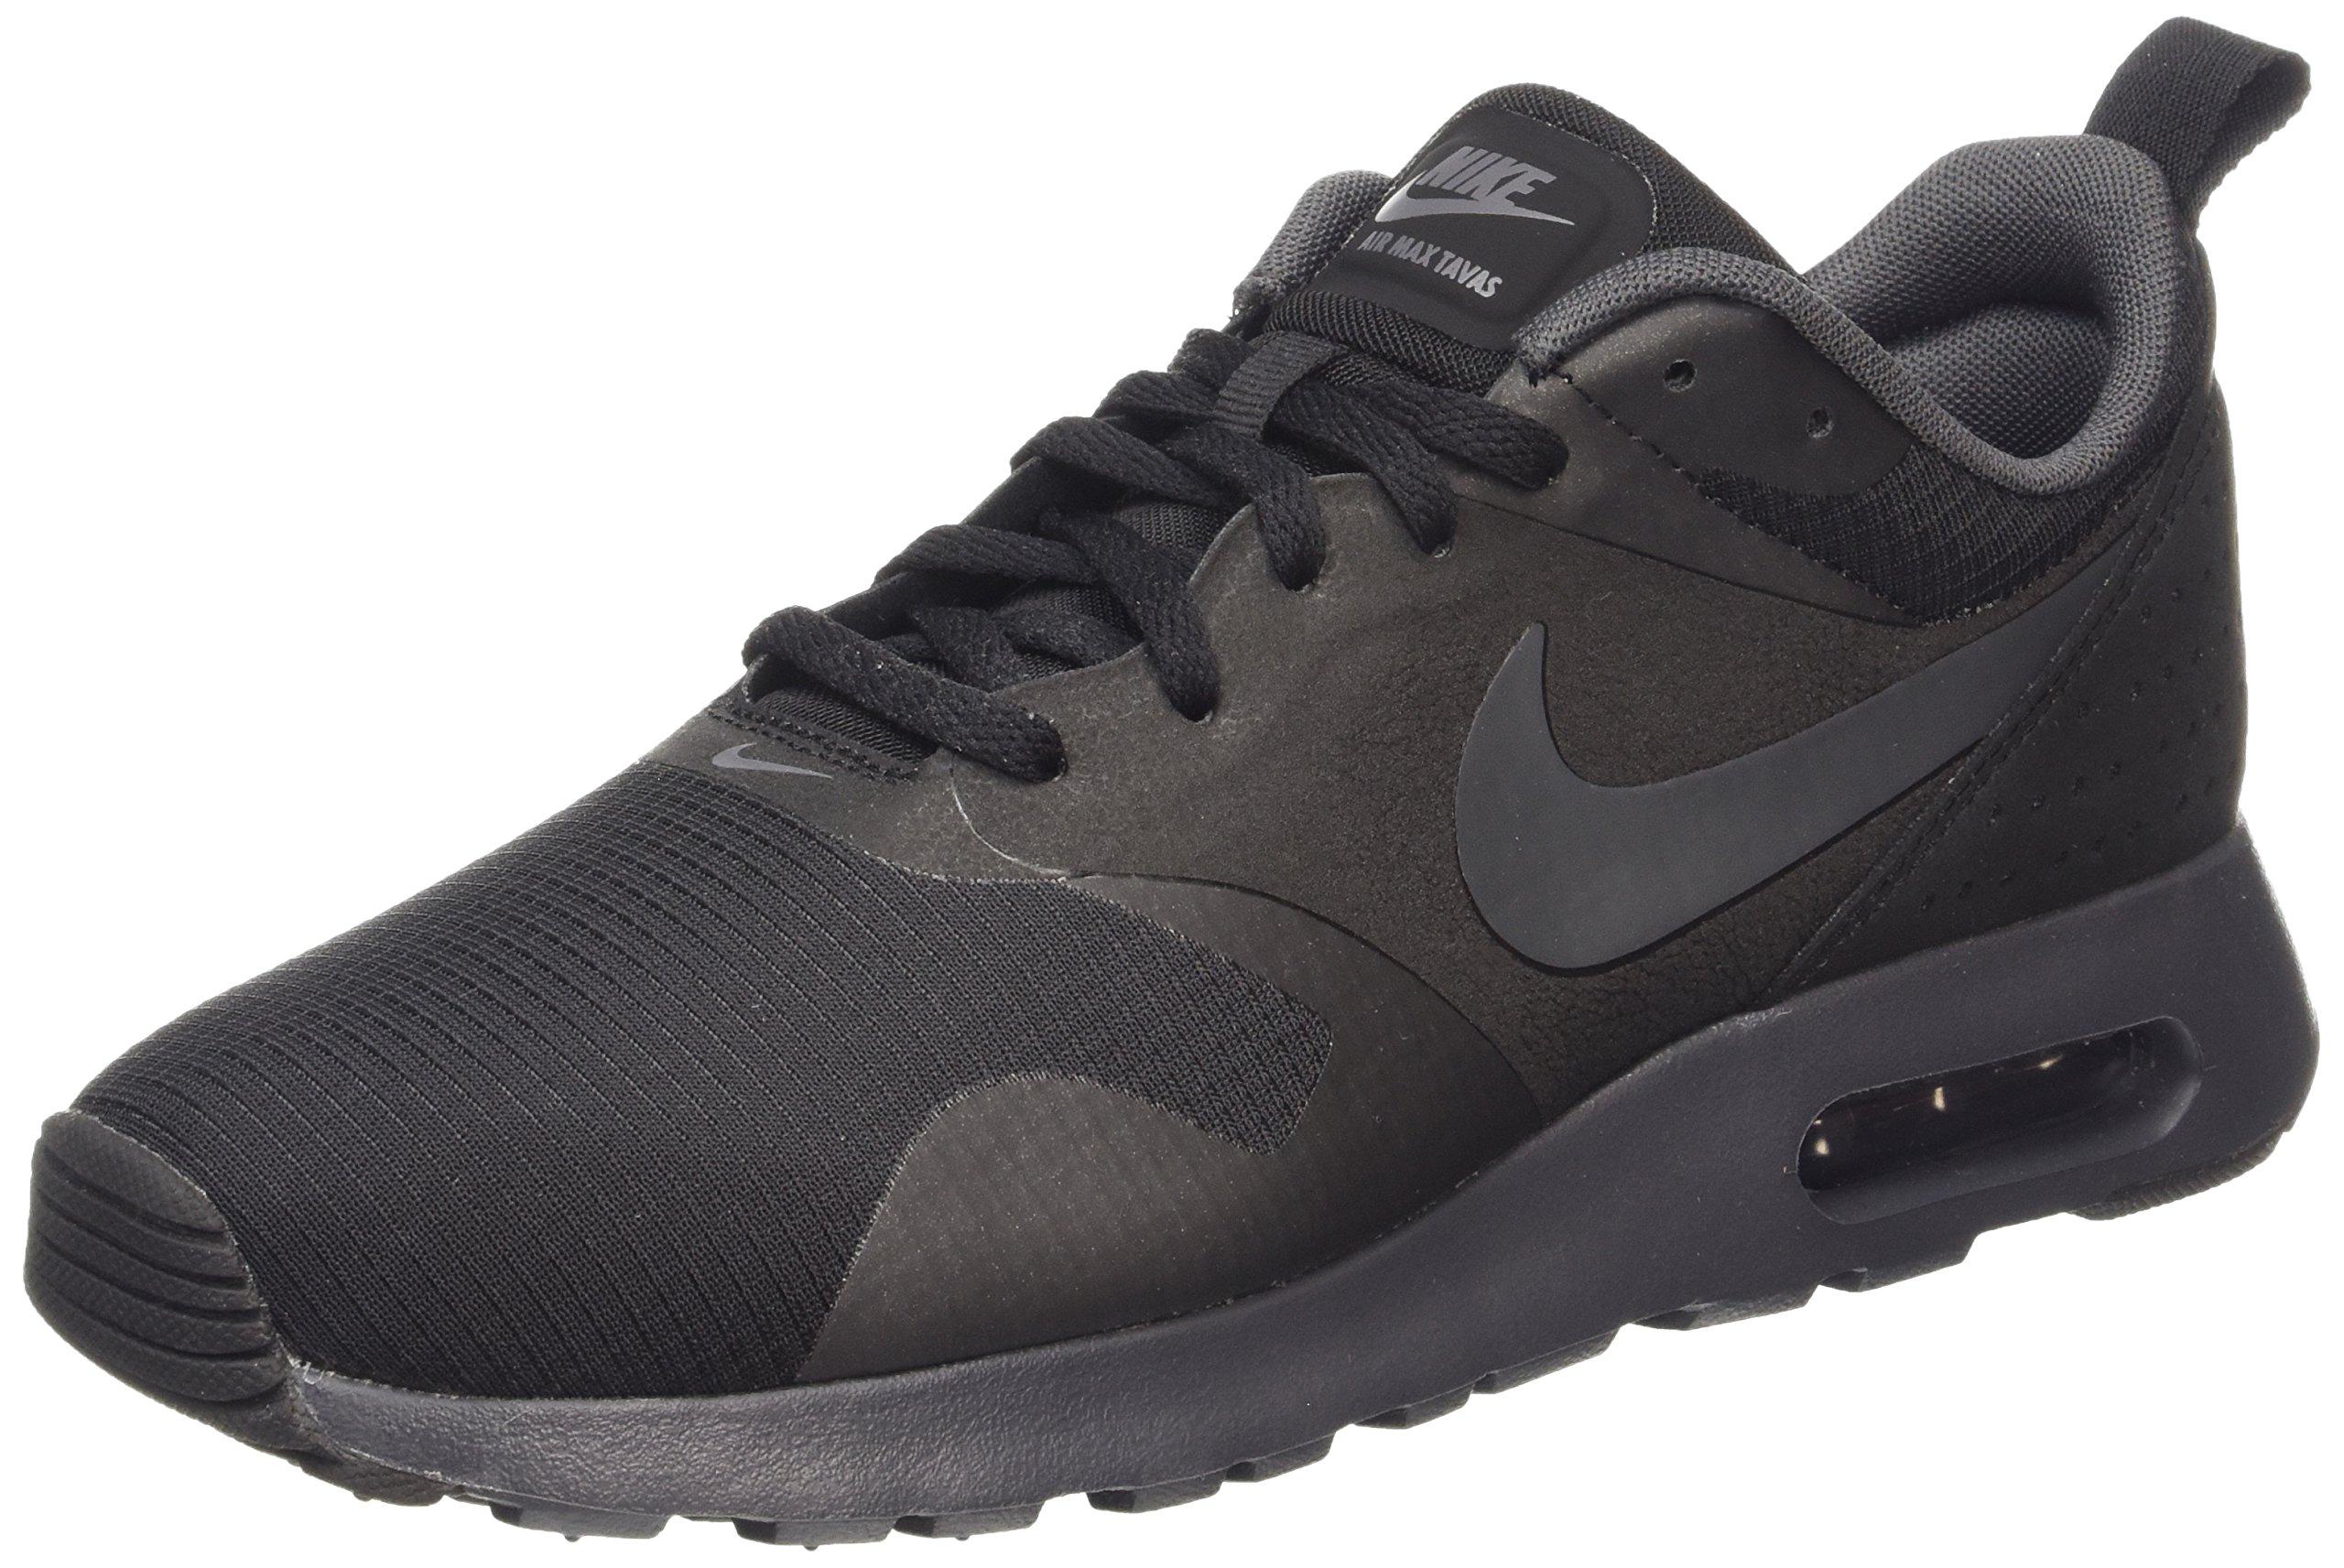 promo code 49058 a48c8 Galleon - Nike Mens Air Max Tavas Black Anthracite Black Running Shoe 11 Men  US